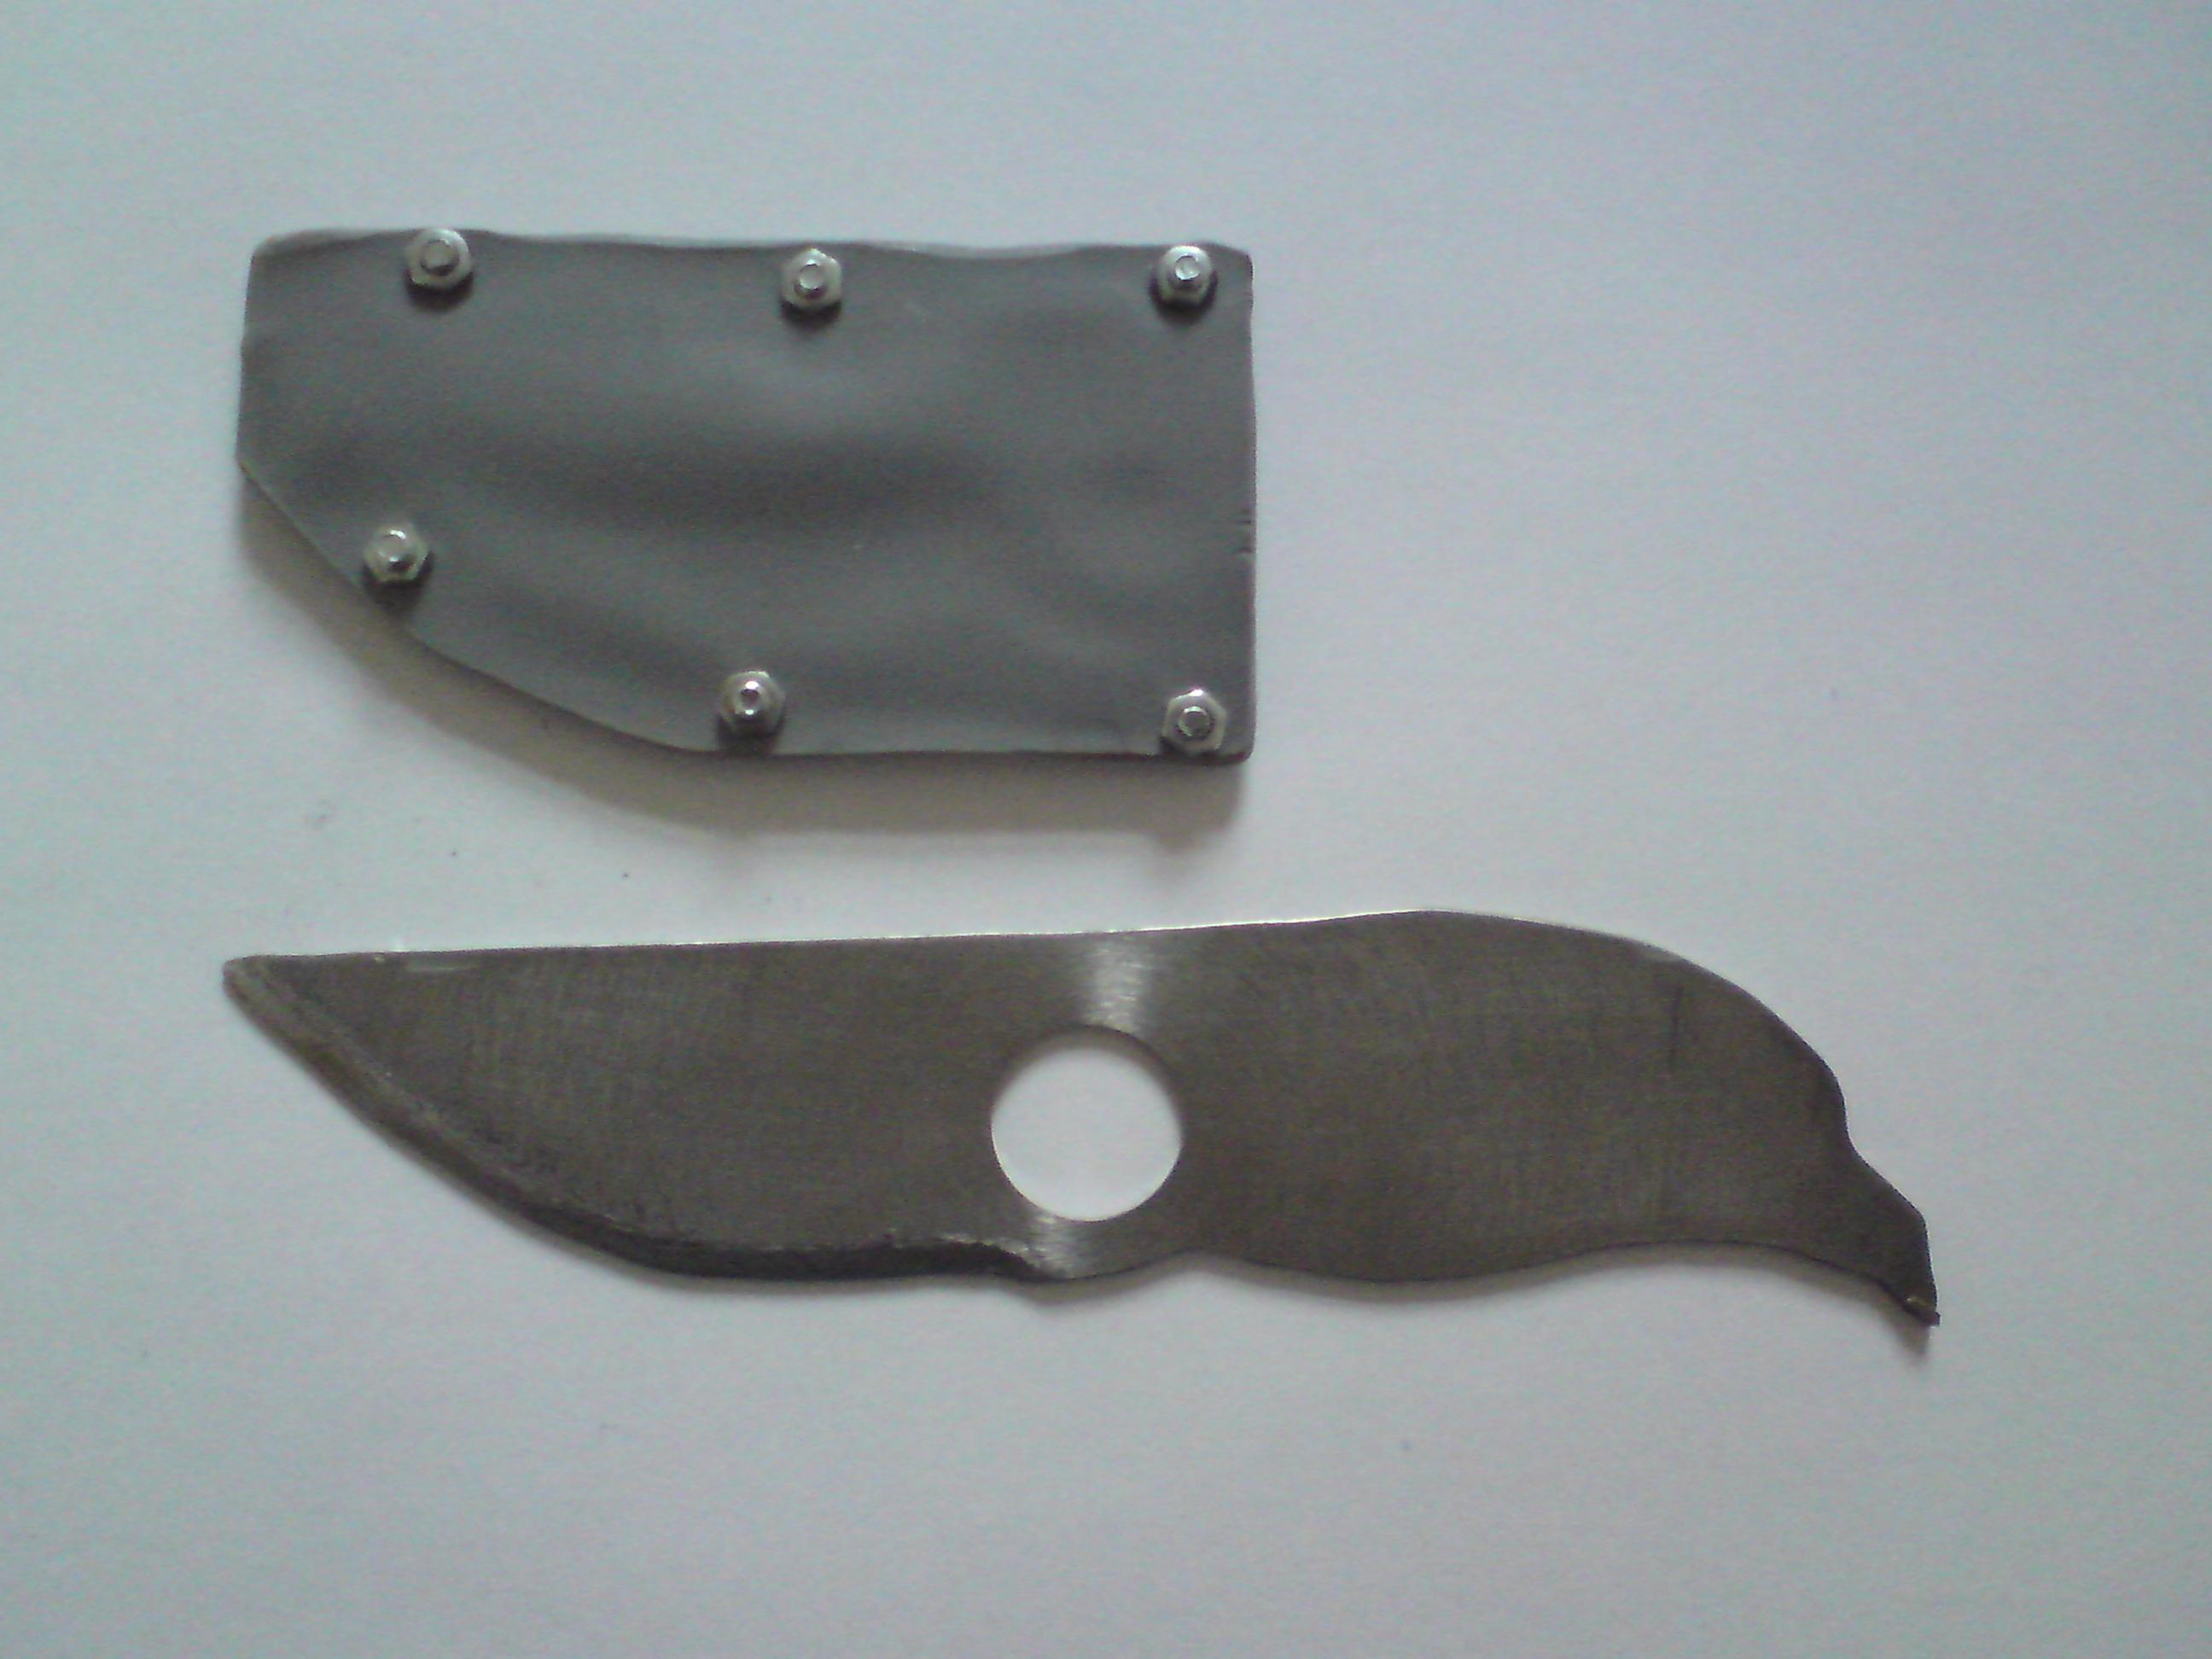 Make a simple knife with pvc sheath